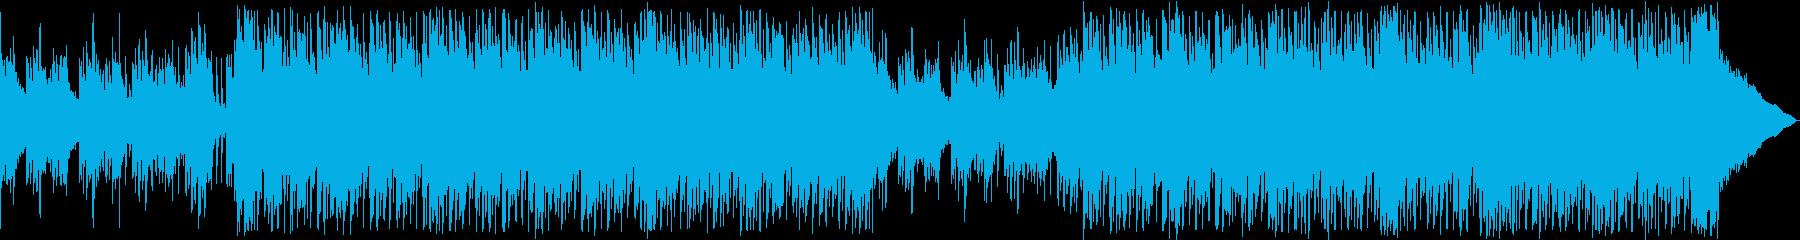 弾むように明るく爽やかなハウスBGMの再生済みの波形